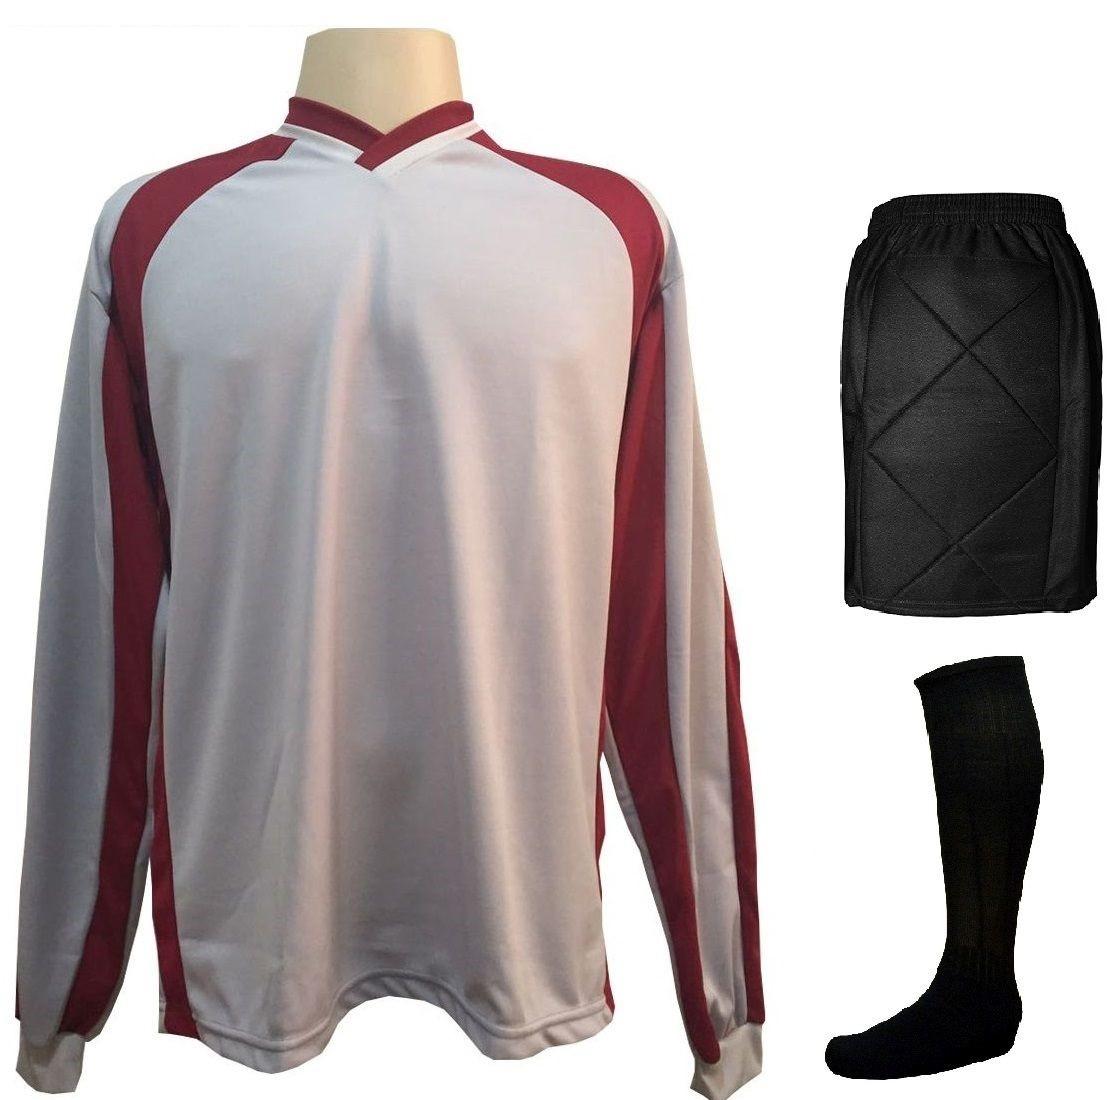 Fardamento Completo modelo City 12+1 (12 Camisas Royal/Branco + 12 Calções Madrid Branco + 12 Pares de Meiões Brancos + 1 Conjunto de Goleiro) + Brindes